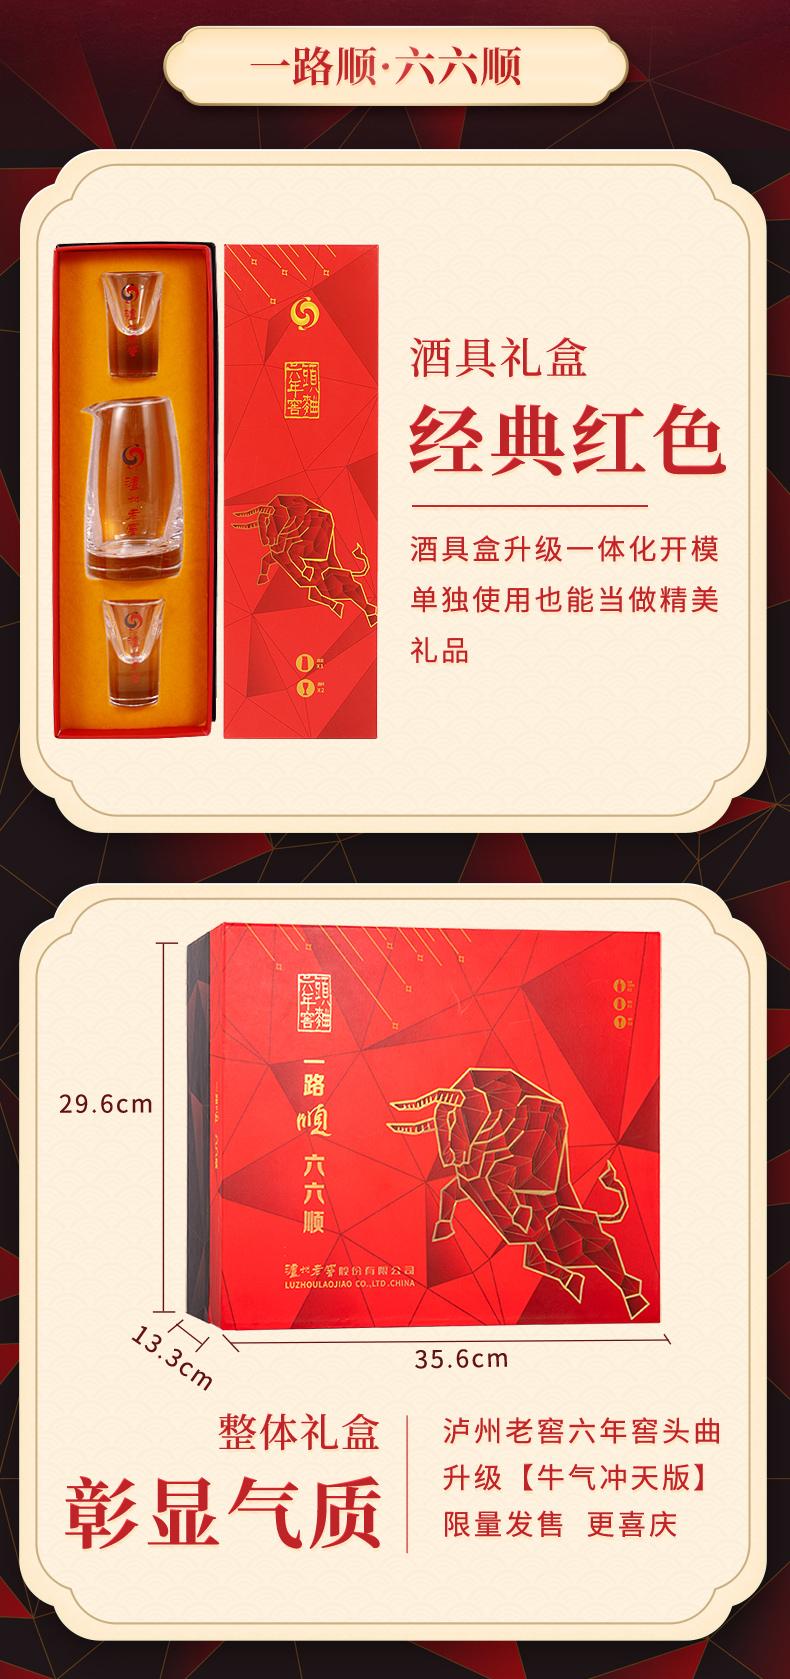 双11预售,纯粮酿造:500mlx2瓶x2盒 泸州老窖 头曲六年窖 52度浓香型白酒 246元到手 买手党-买手聚集的地方